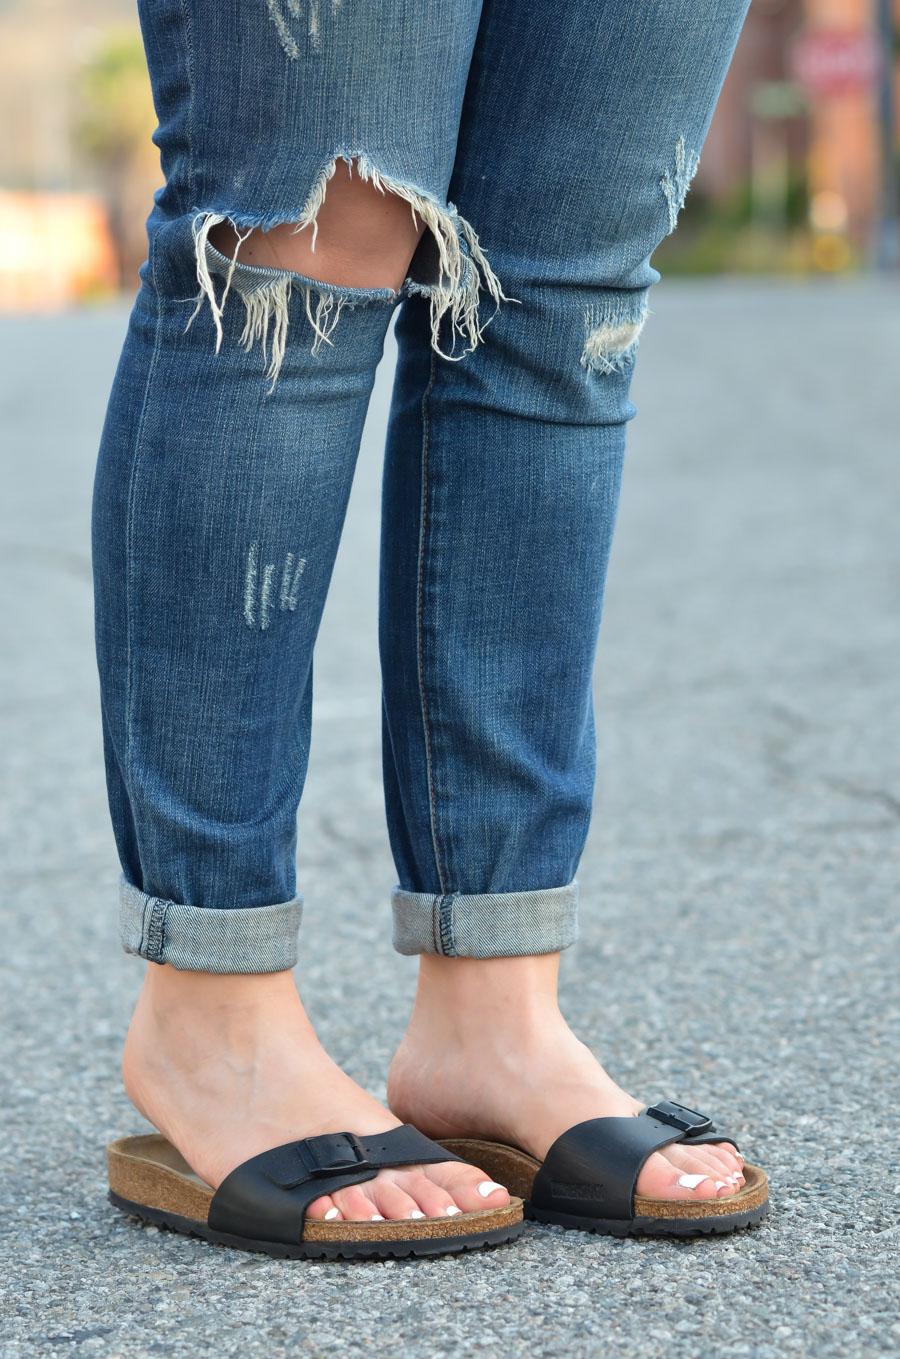 Madrid Birkenstocks + Jeans - Chic Birkenstocks Outfit Ideas for Women-